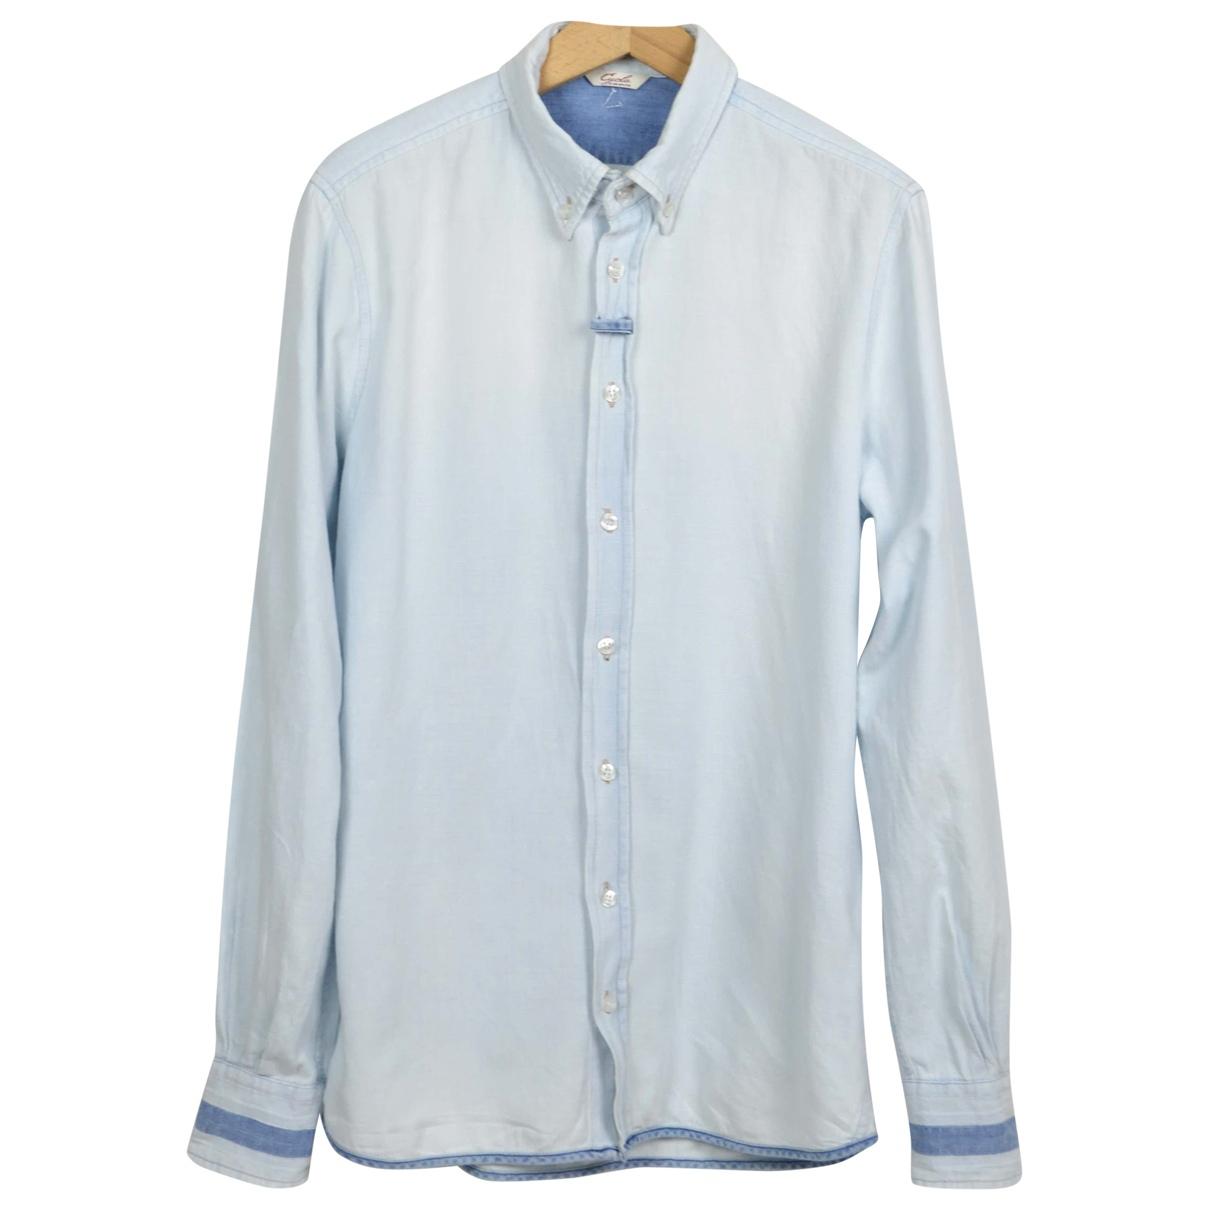 Cycle - Chemises   pour homme en coton - bleu